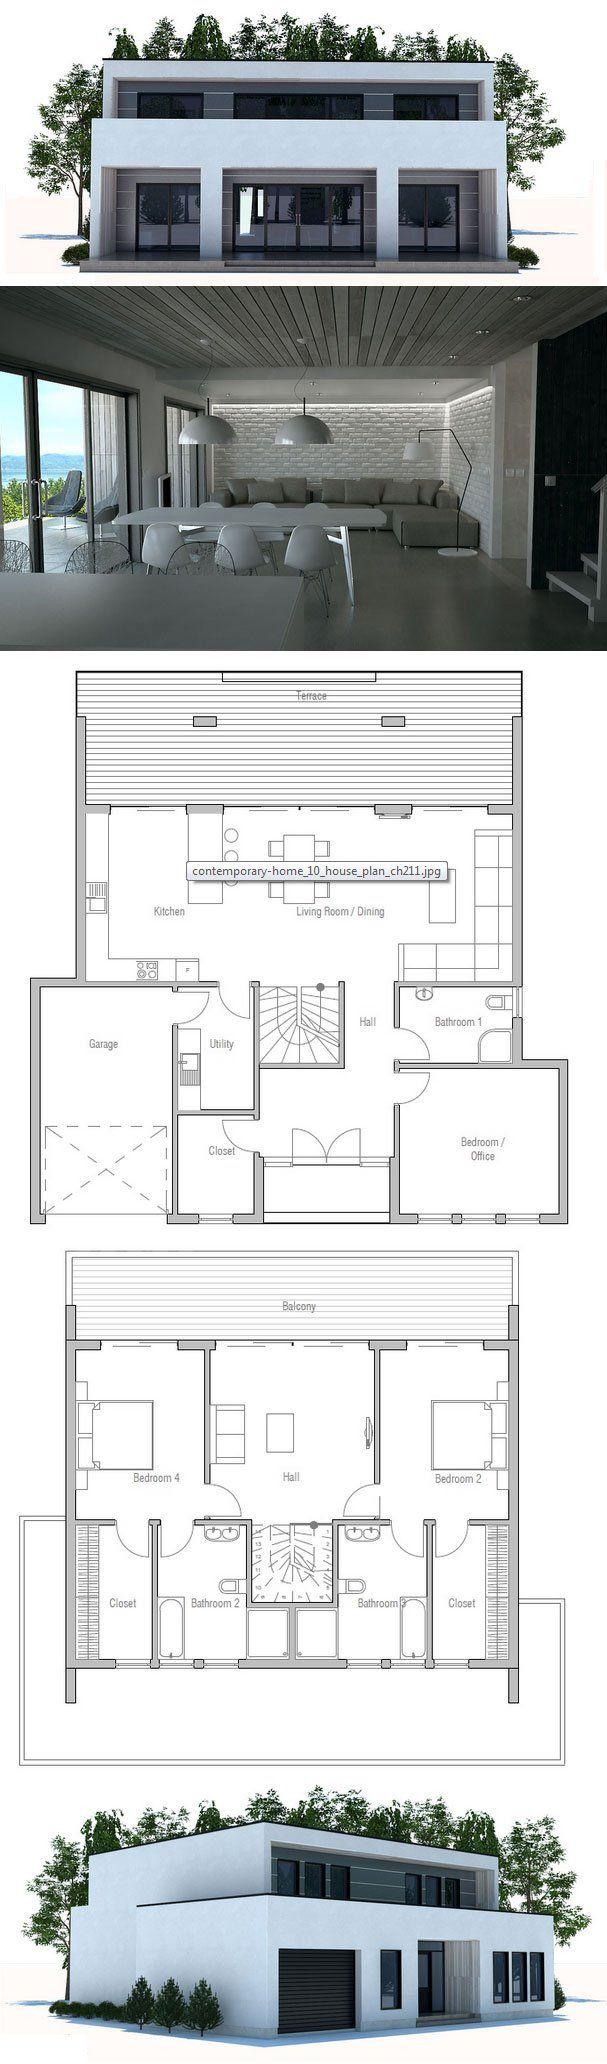 Contemporary home ch211 my blog for Concept home com